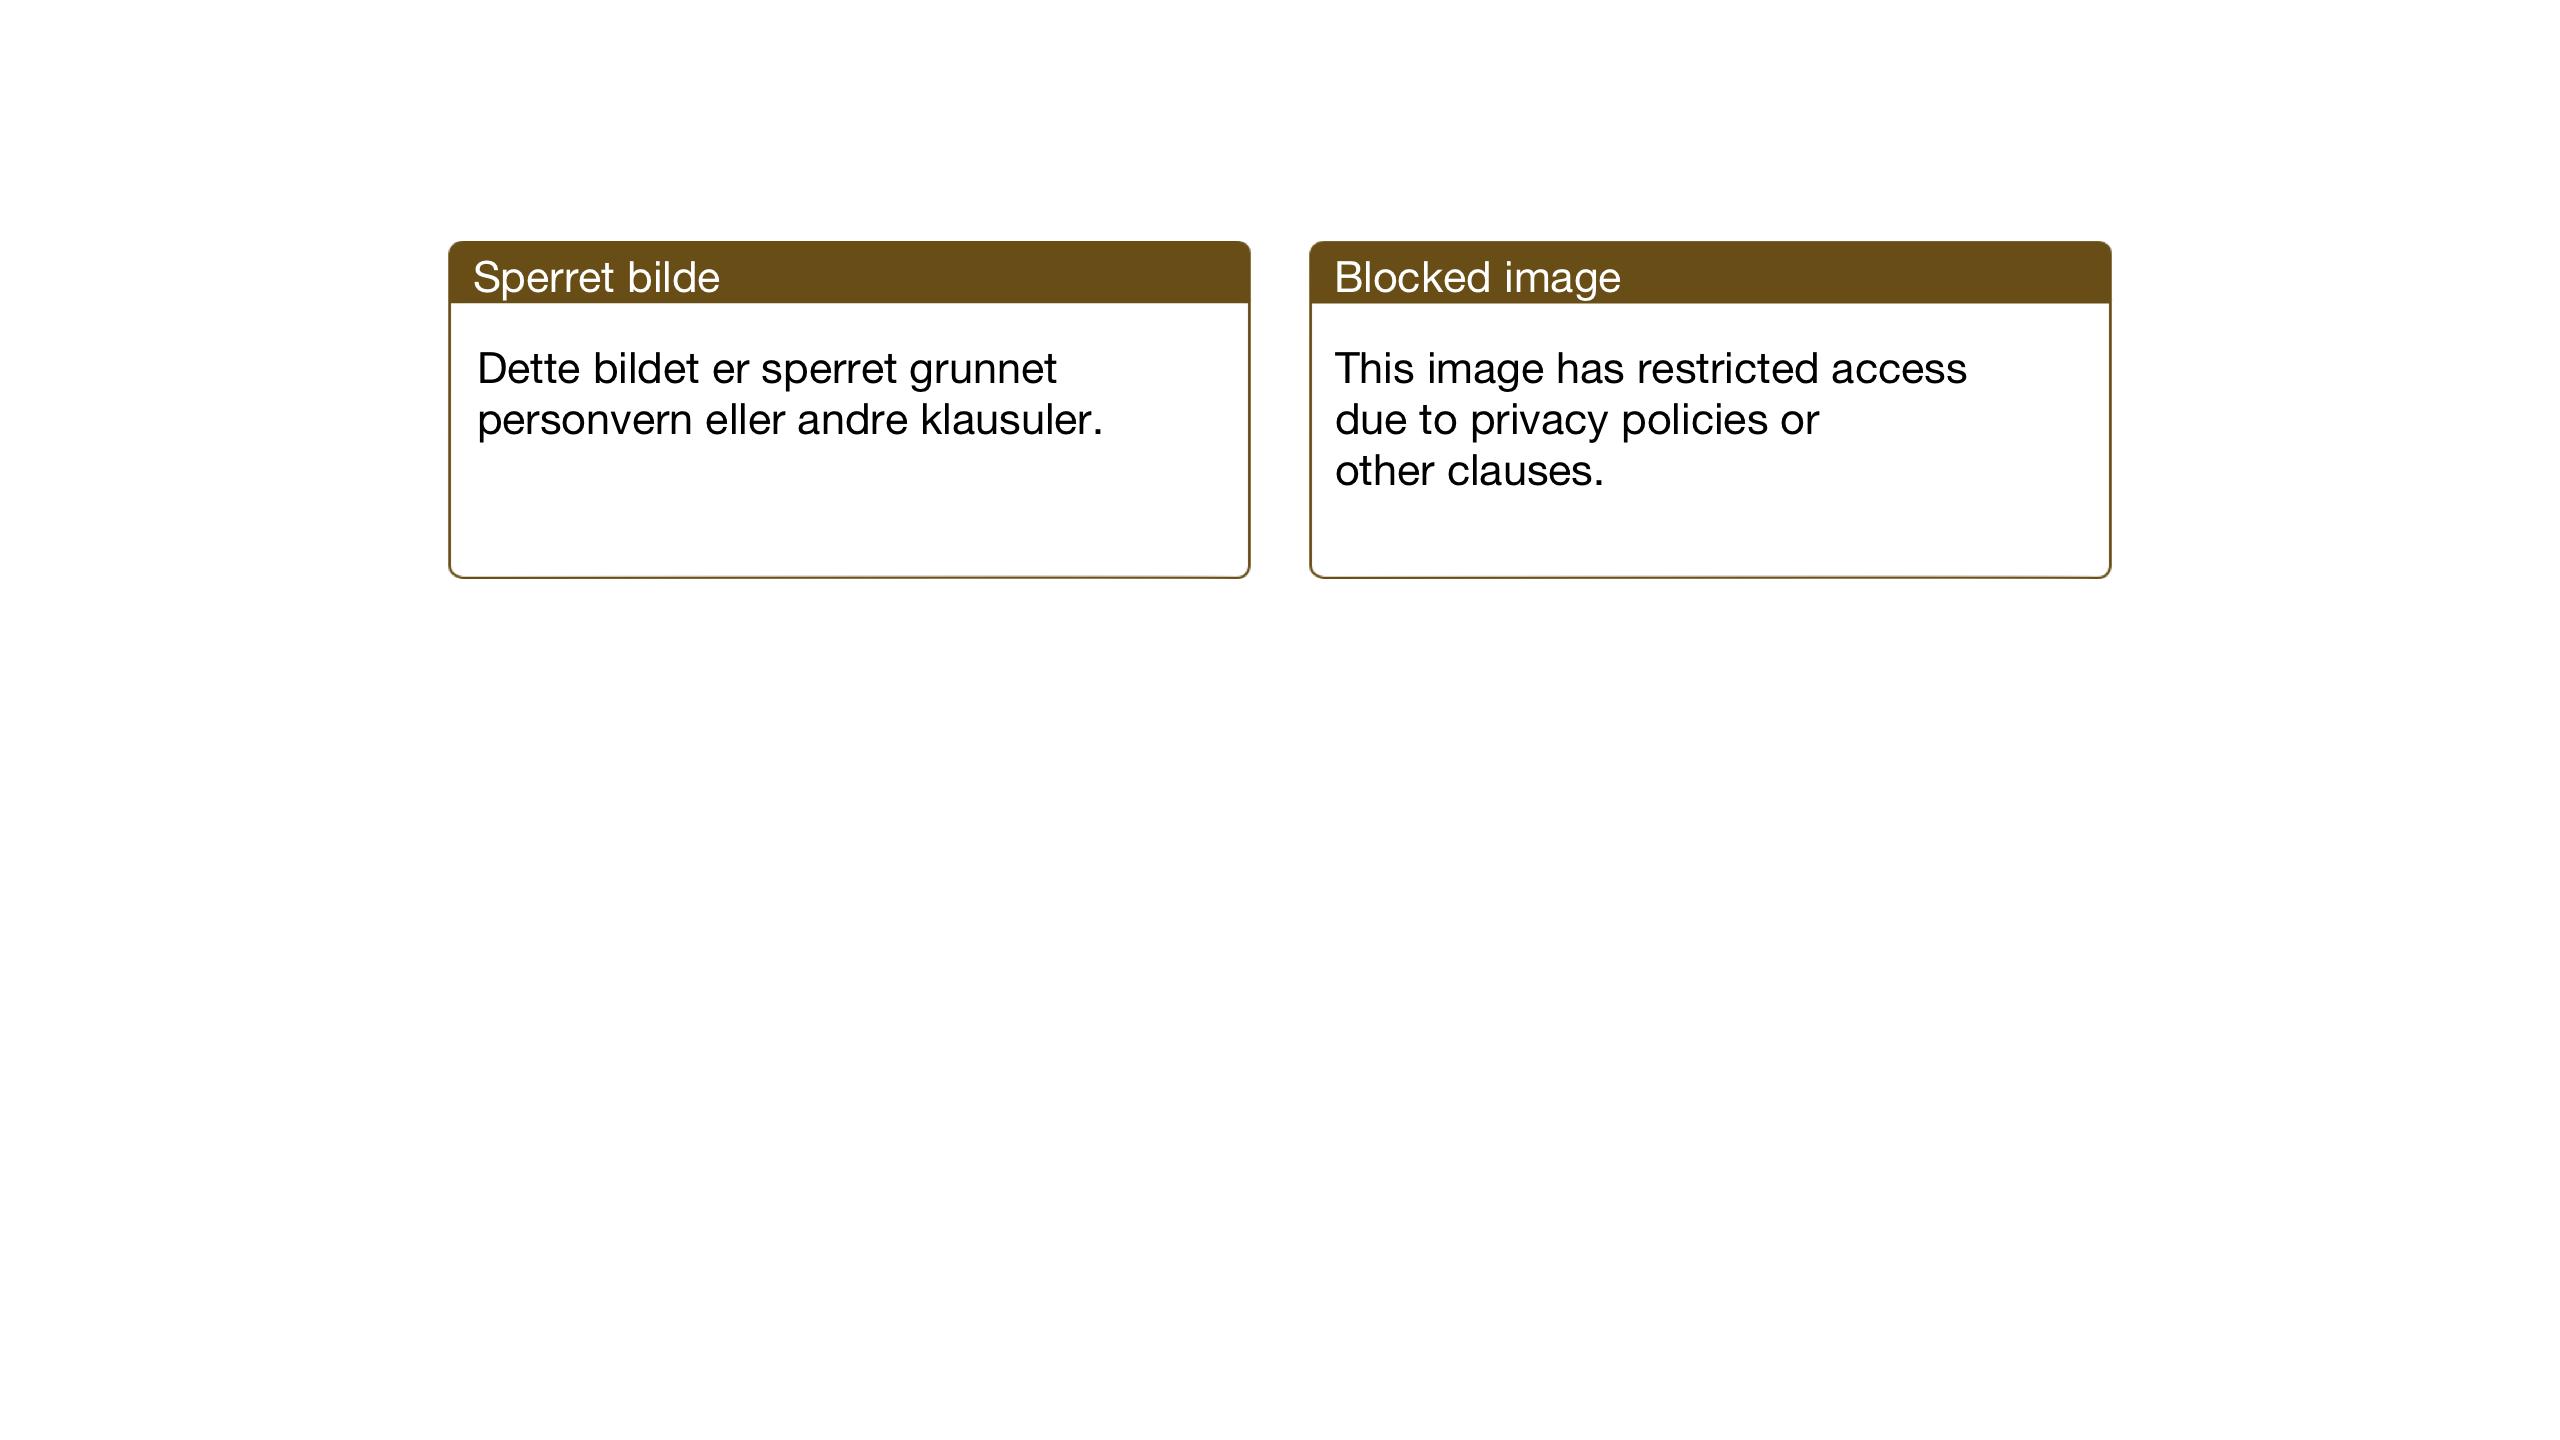 SAT, Ministerialprotokoller, klokkerbøker og fødselsregistre - Nord-Trøndelag, 732/L0319: Klokkerbok nr. 732C03, 1911-1945, s. 28